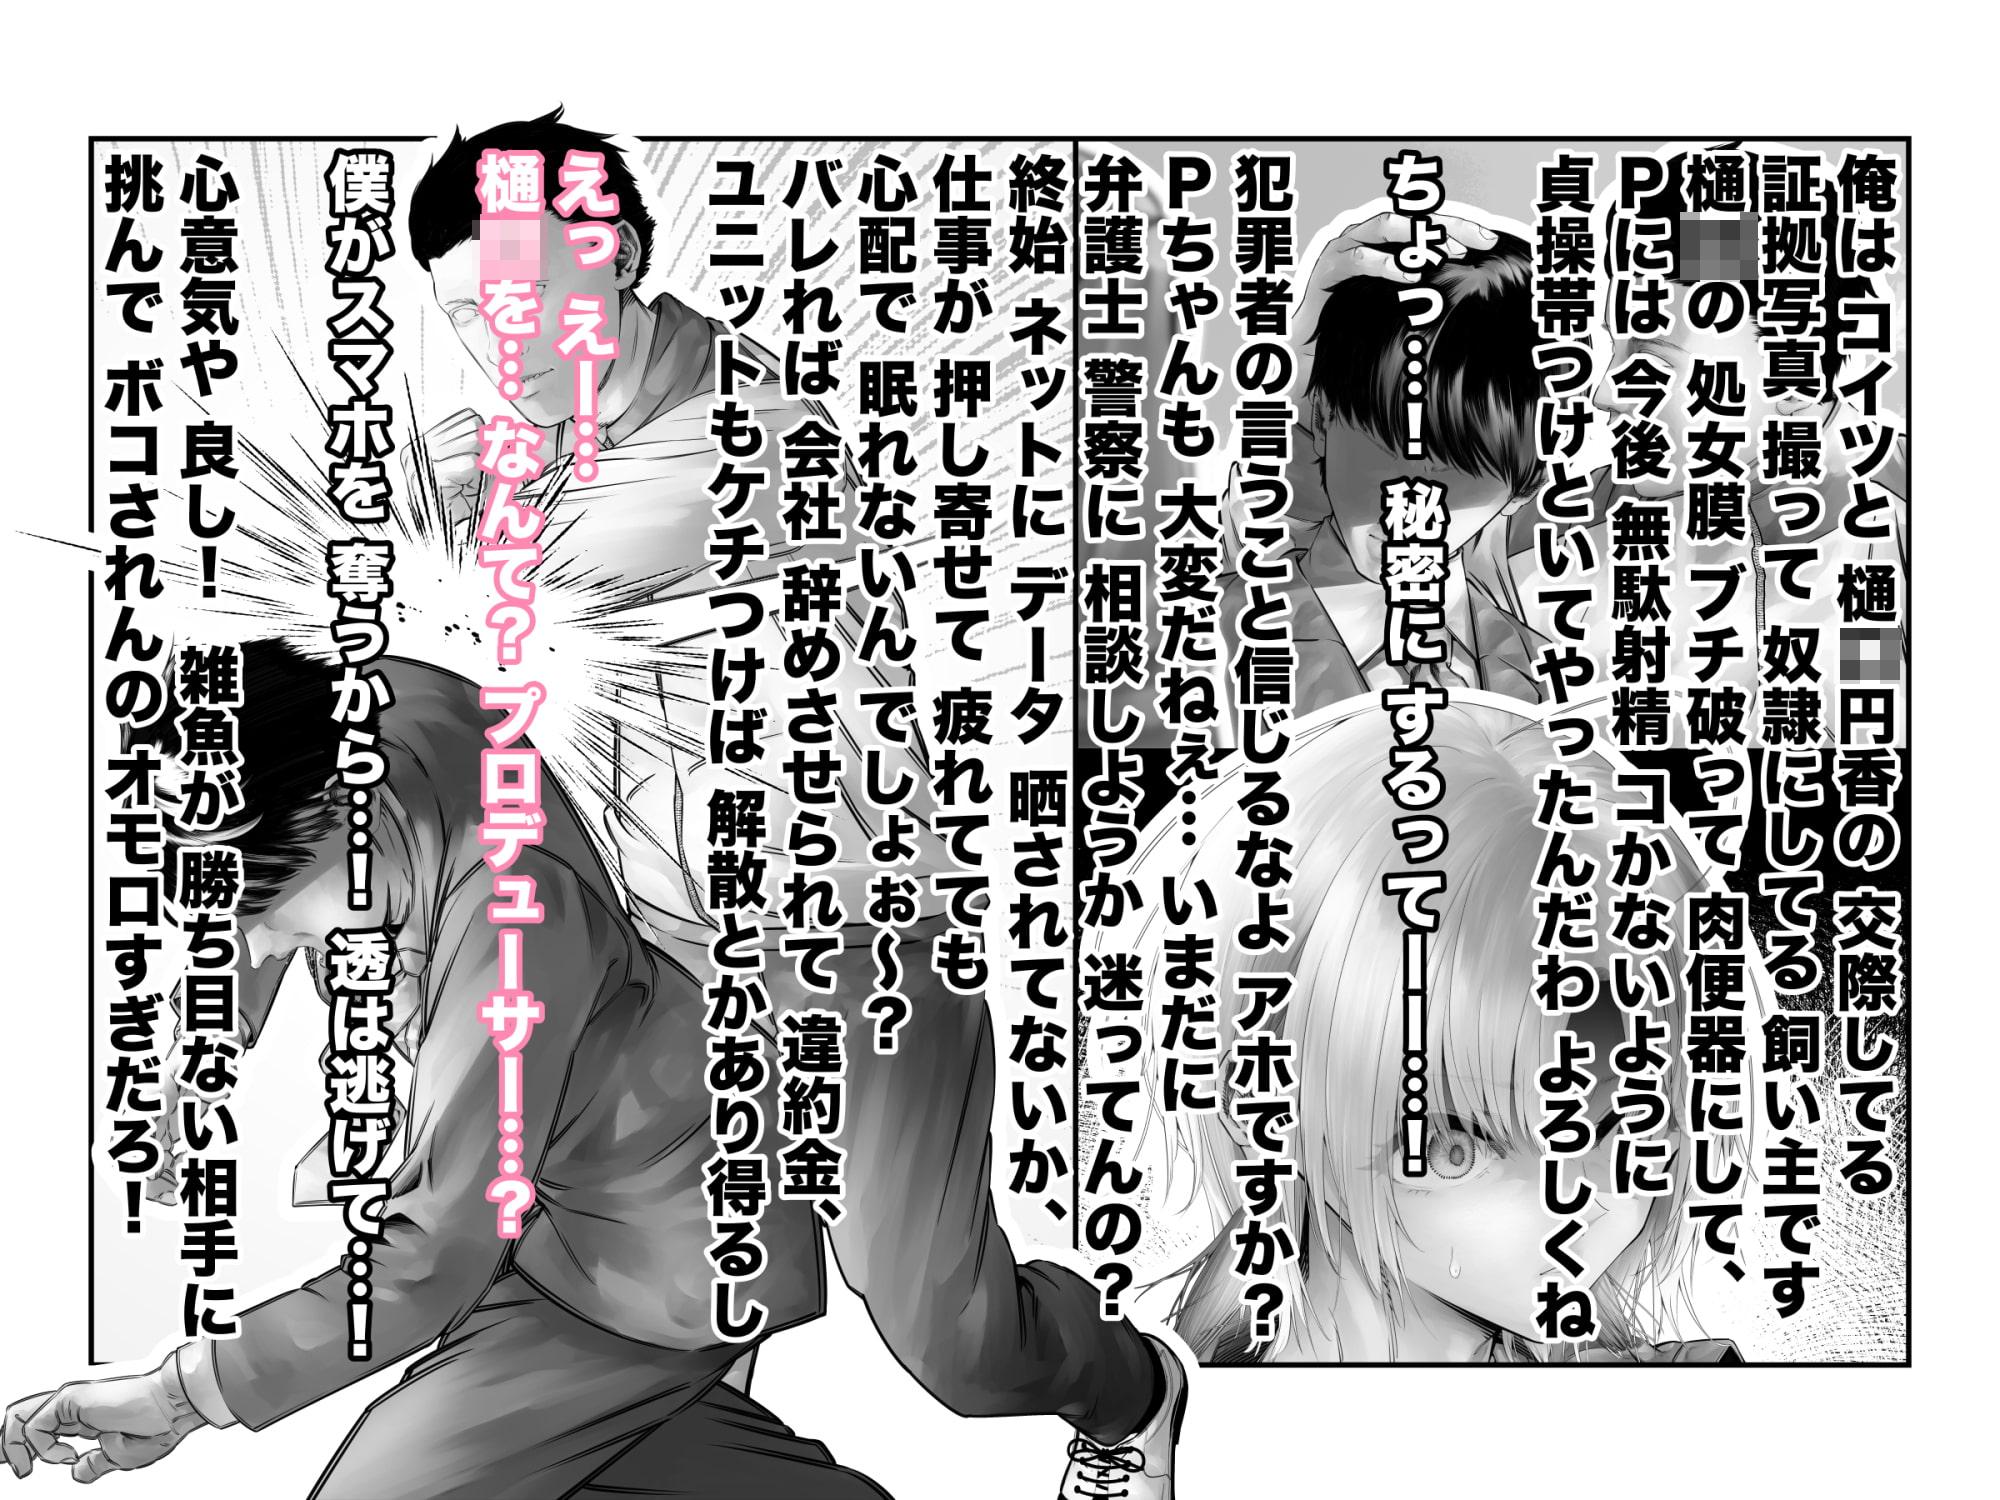 RJ336160 -浅▲透-身代わり強制メス媚び [20210724]